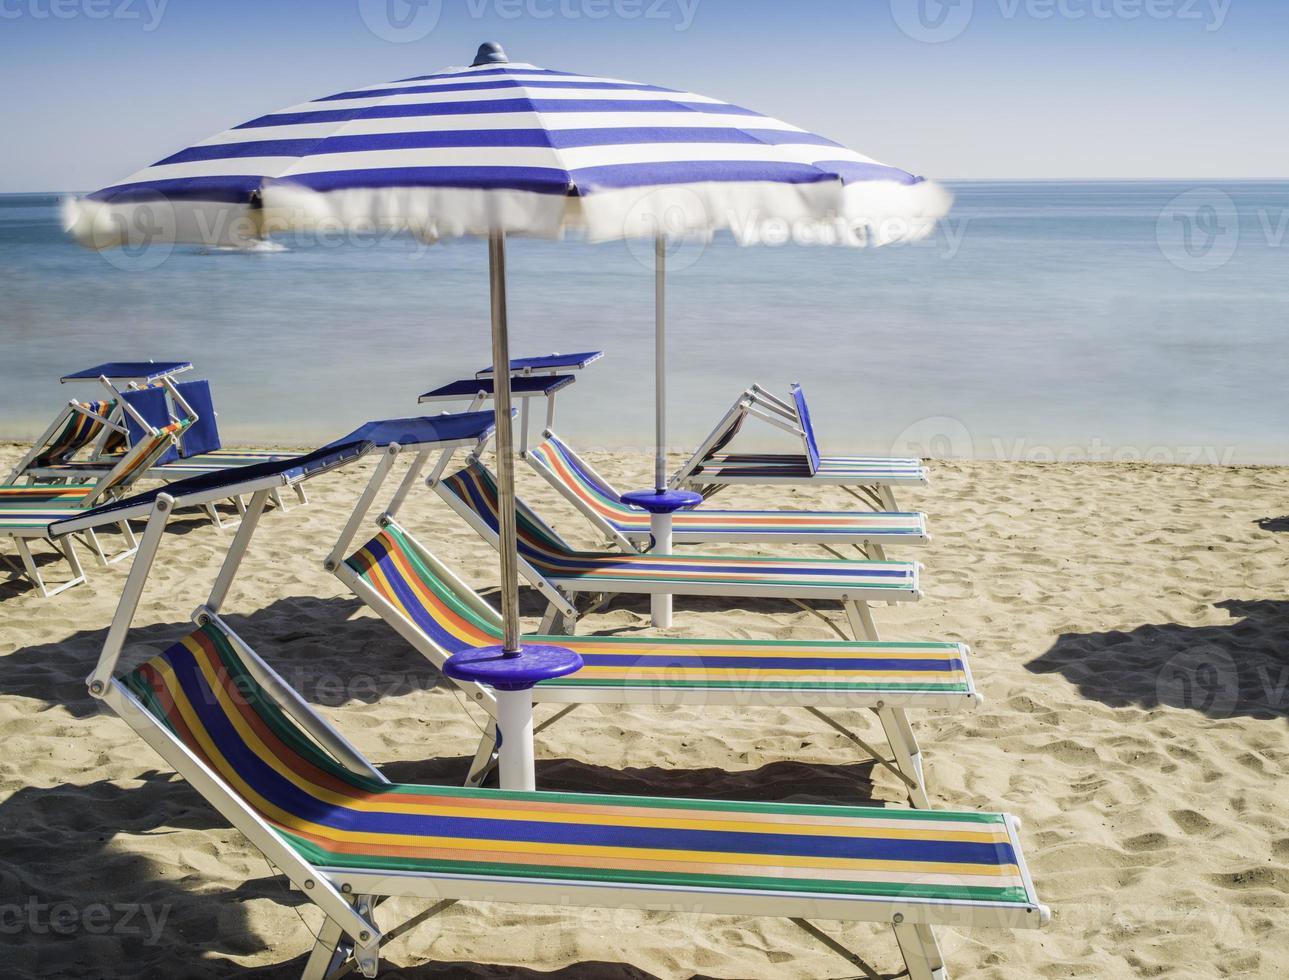 hamacas y sombrillas en la playa foto